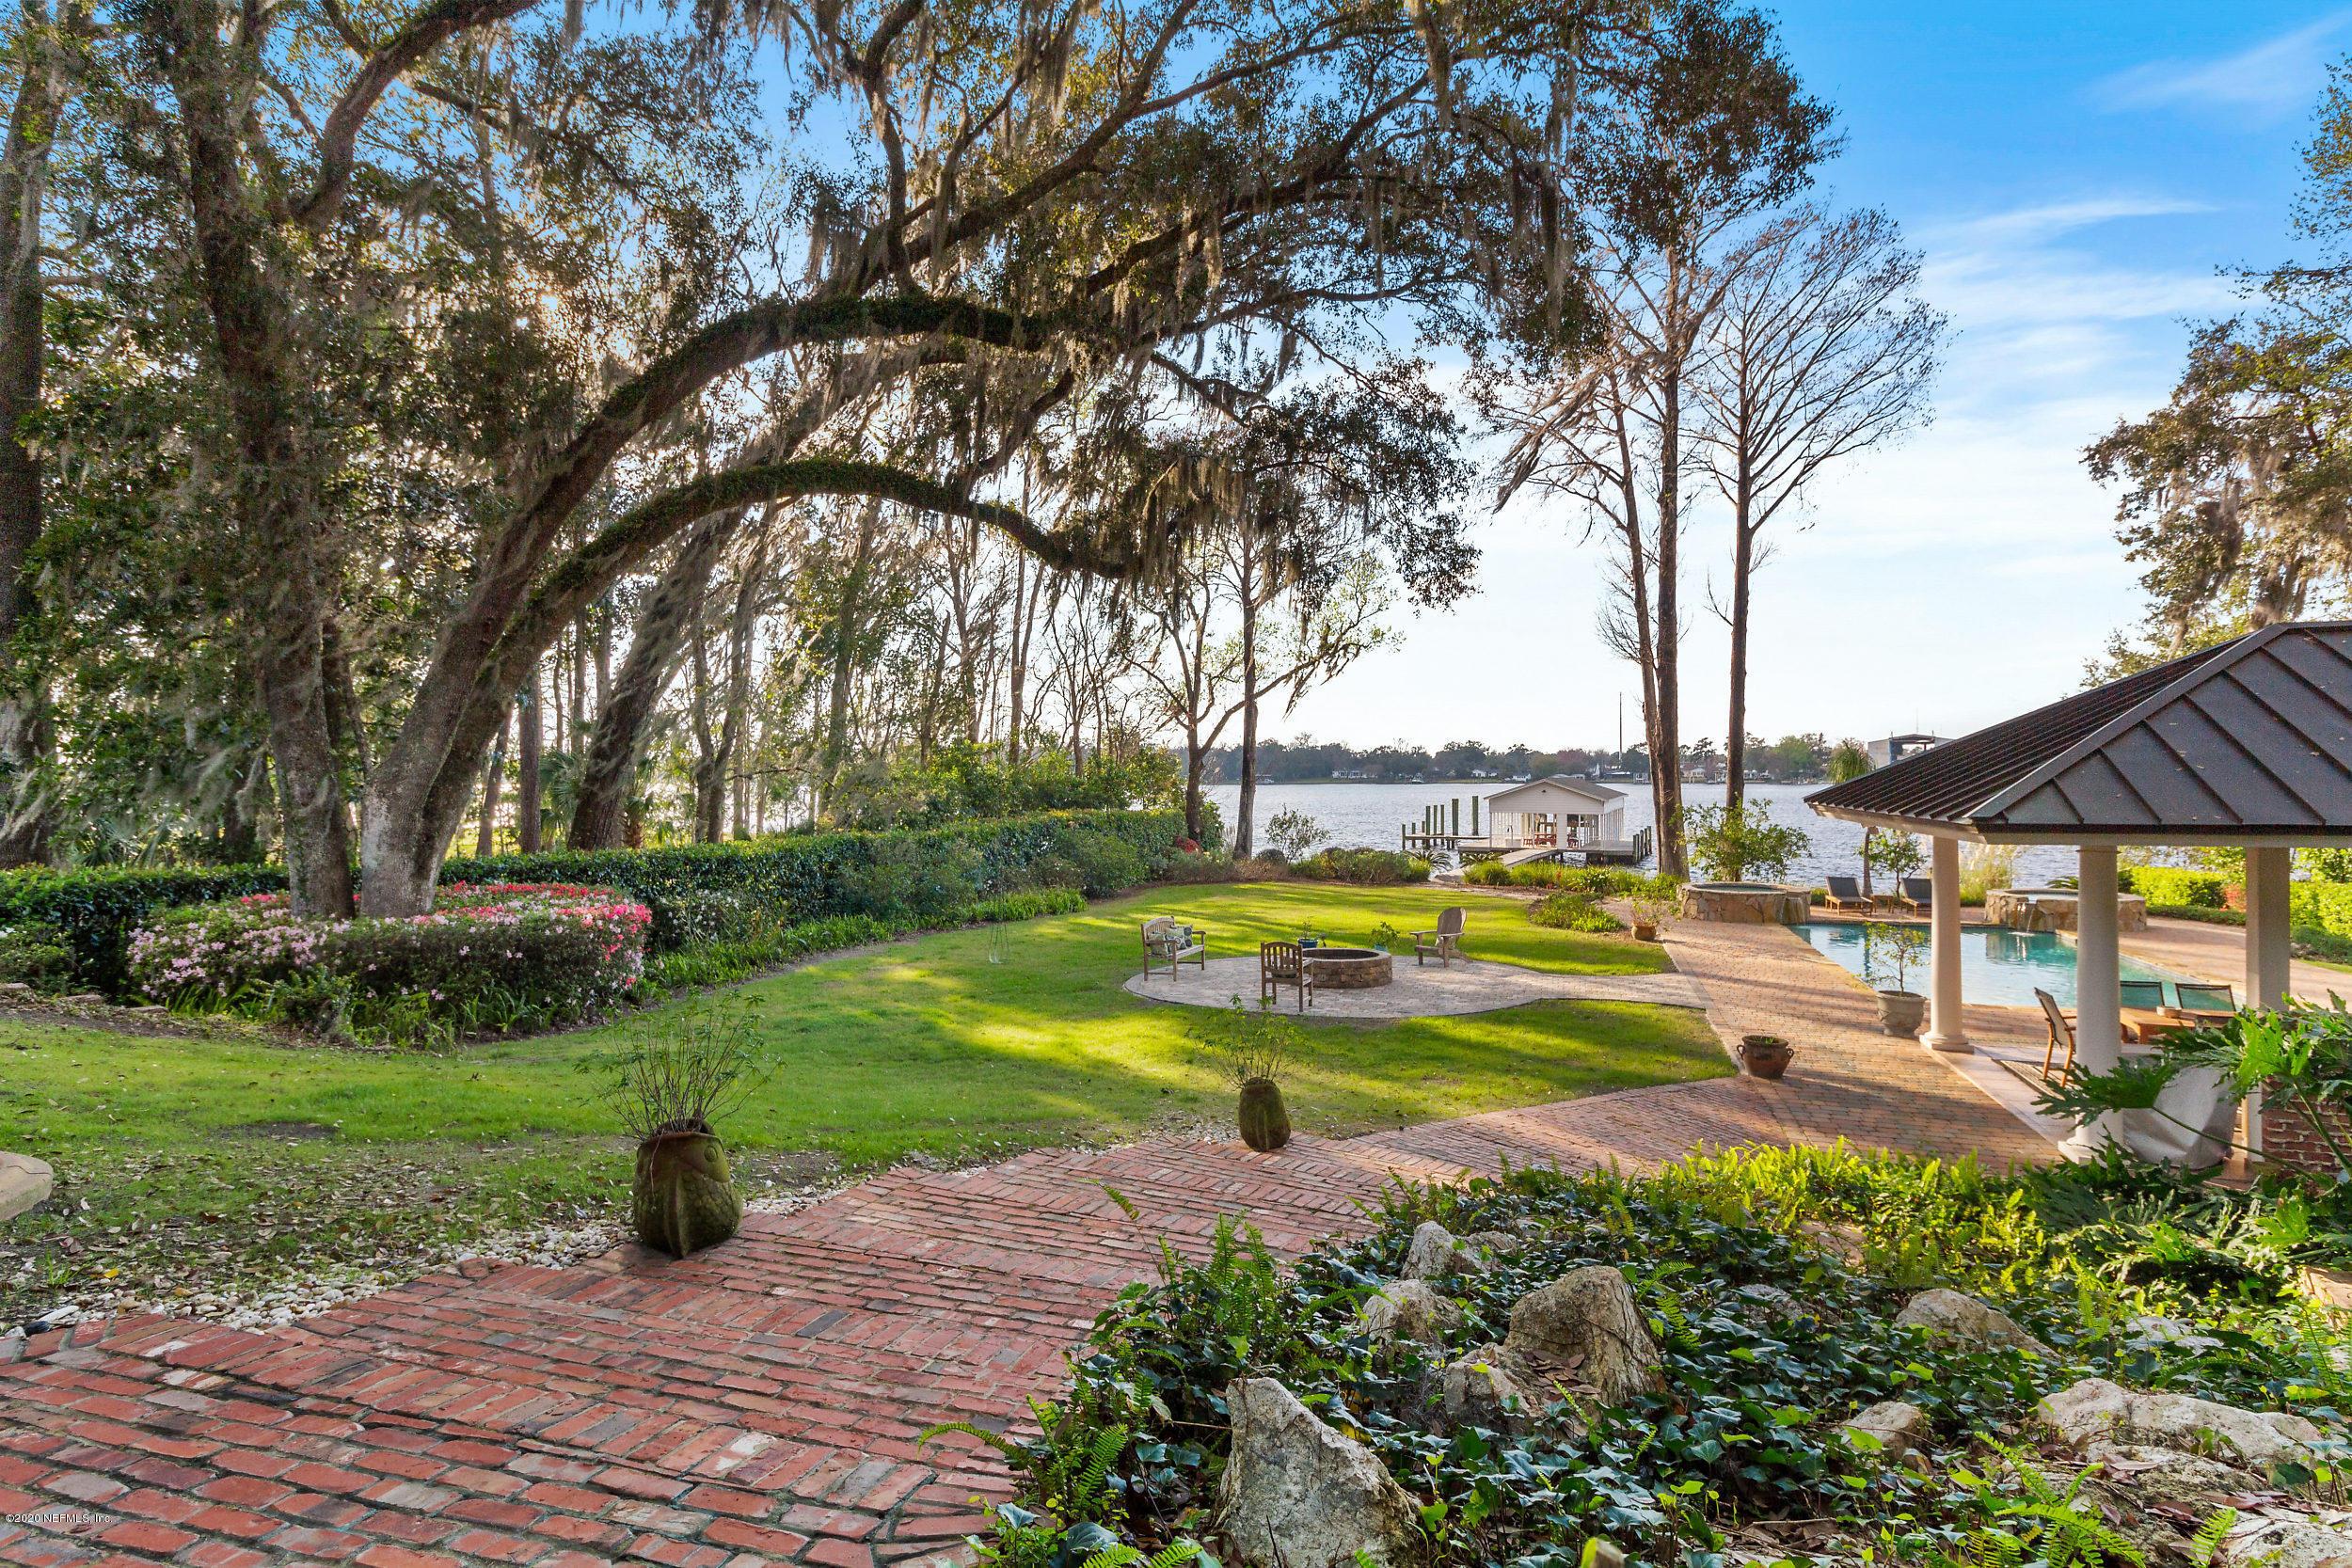 4200 ORTEGA FOREST, JACKSONVILLE, FLORIDA 32210, 5 Bedrooms Bedrooms, ,5 BathroomsBathrooms,Residential,For sale,ORTEGA FOREST,1037198